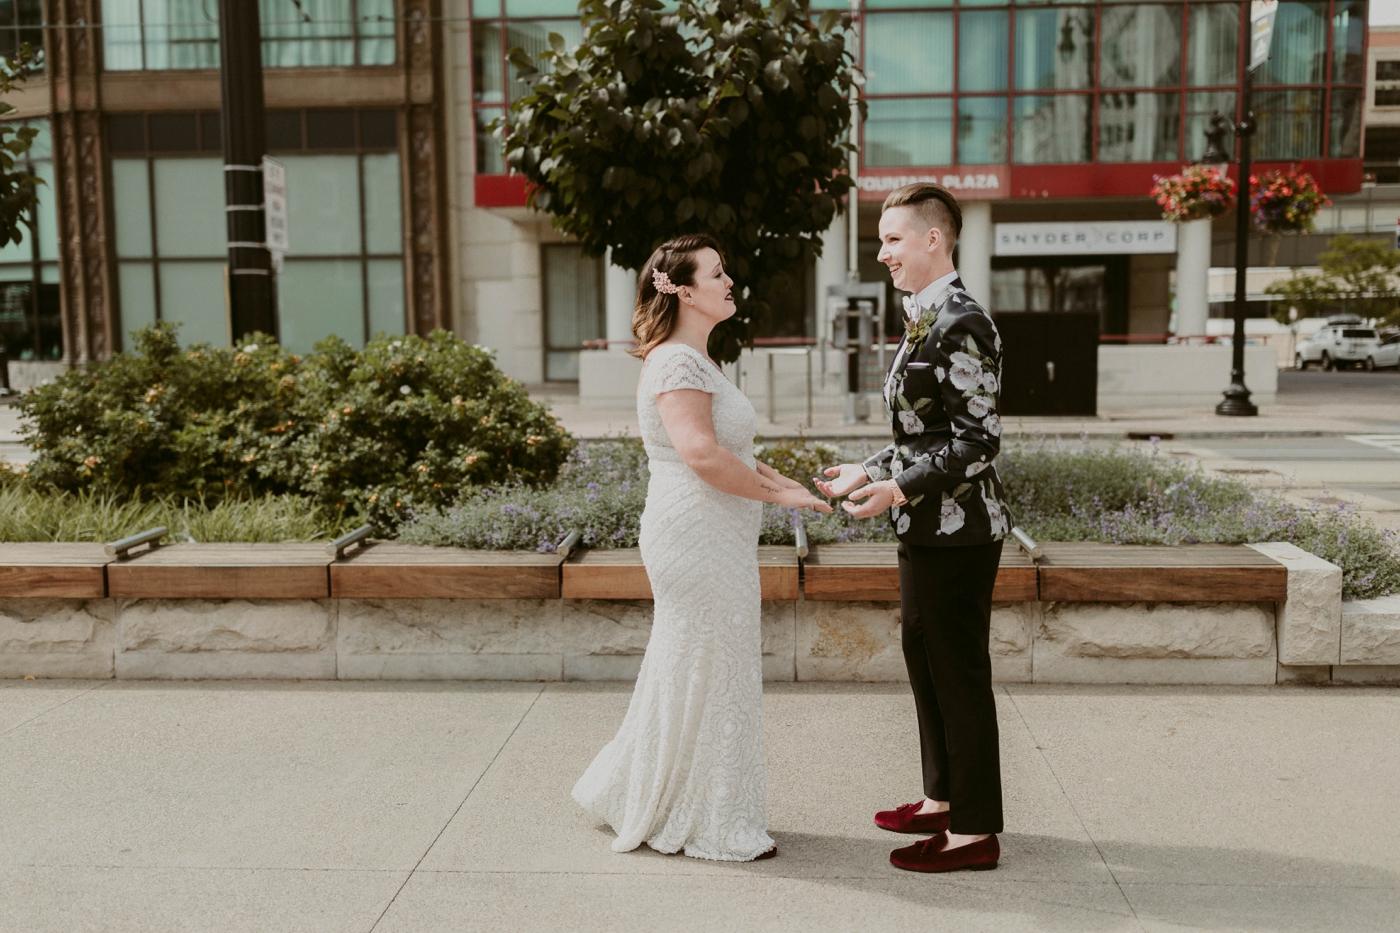 Buffalo-Wedding-Babeville-NY-Courtney+Liz_MJPHOTO-122.jpg